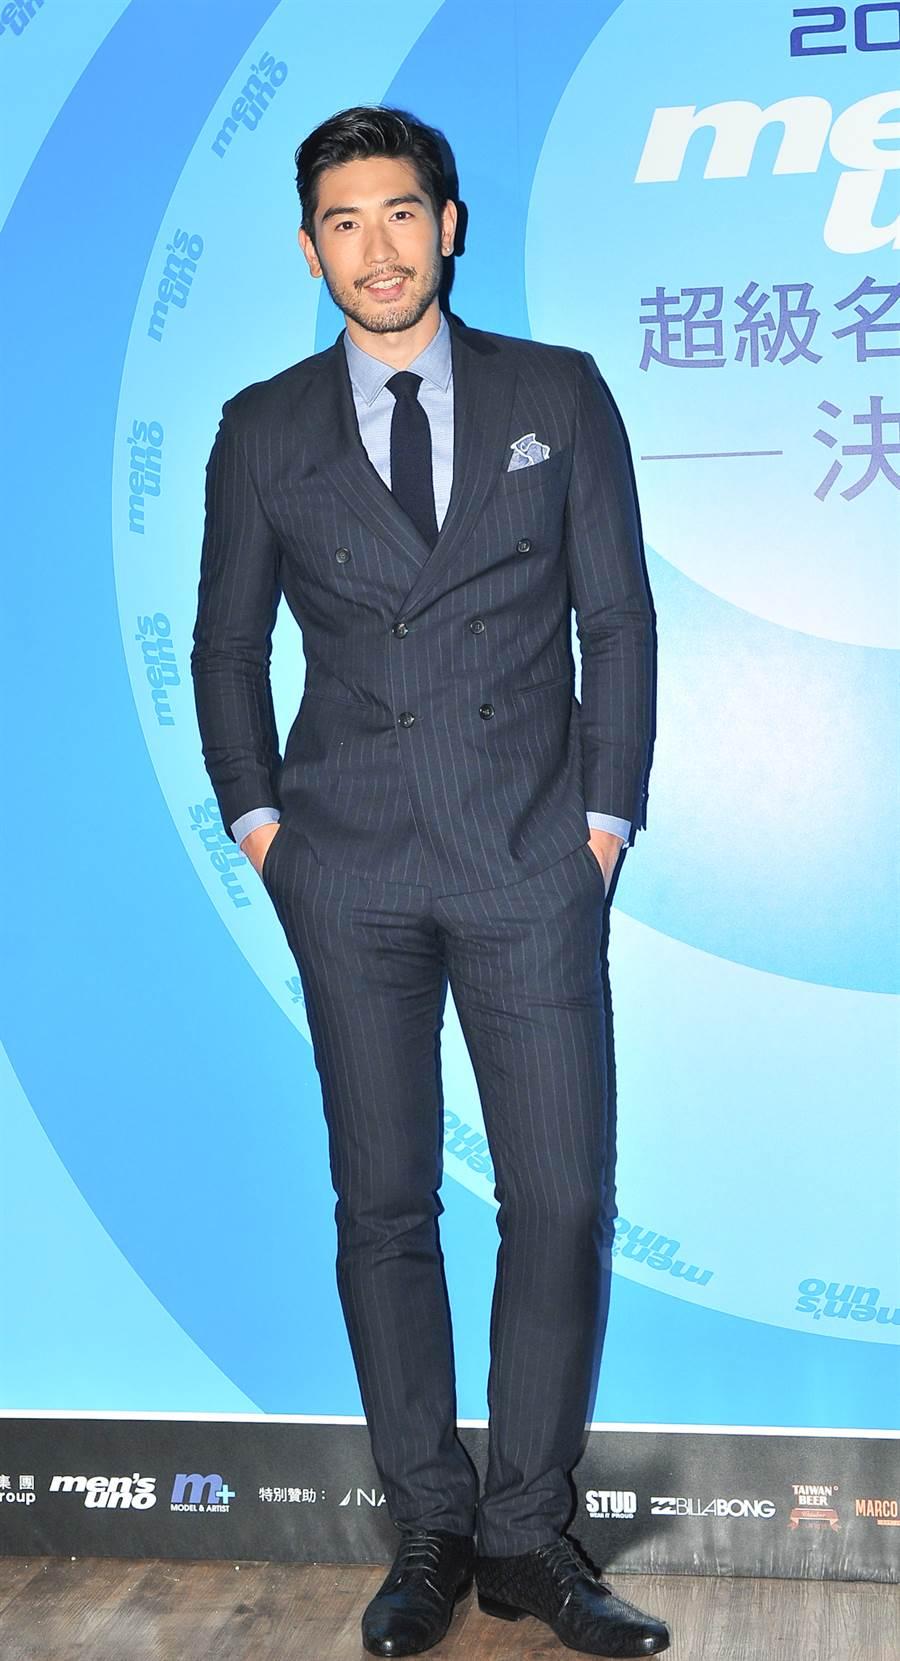 高以翔27日在寧波錄真人秀《追我吧》不幸驟逝,享年35歲。 (圖/本報系資料照片)